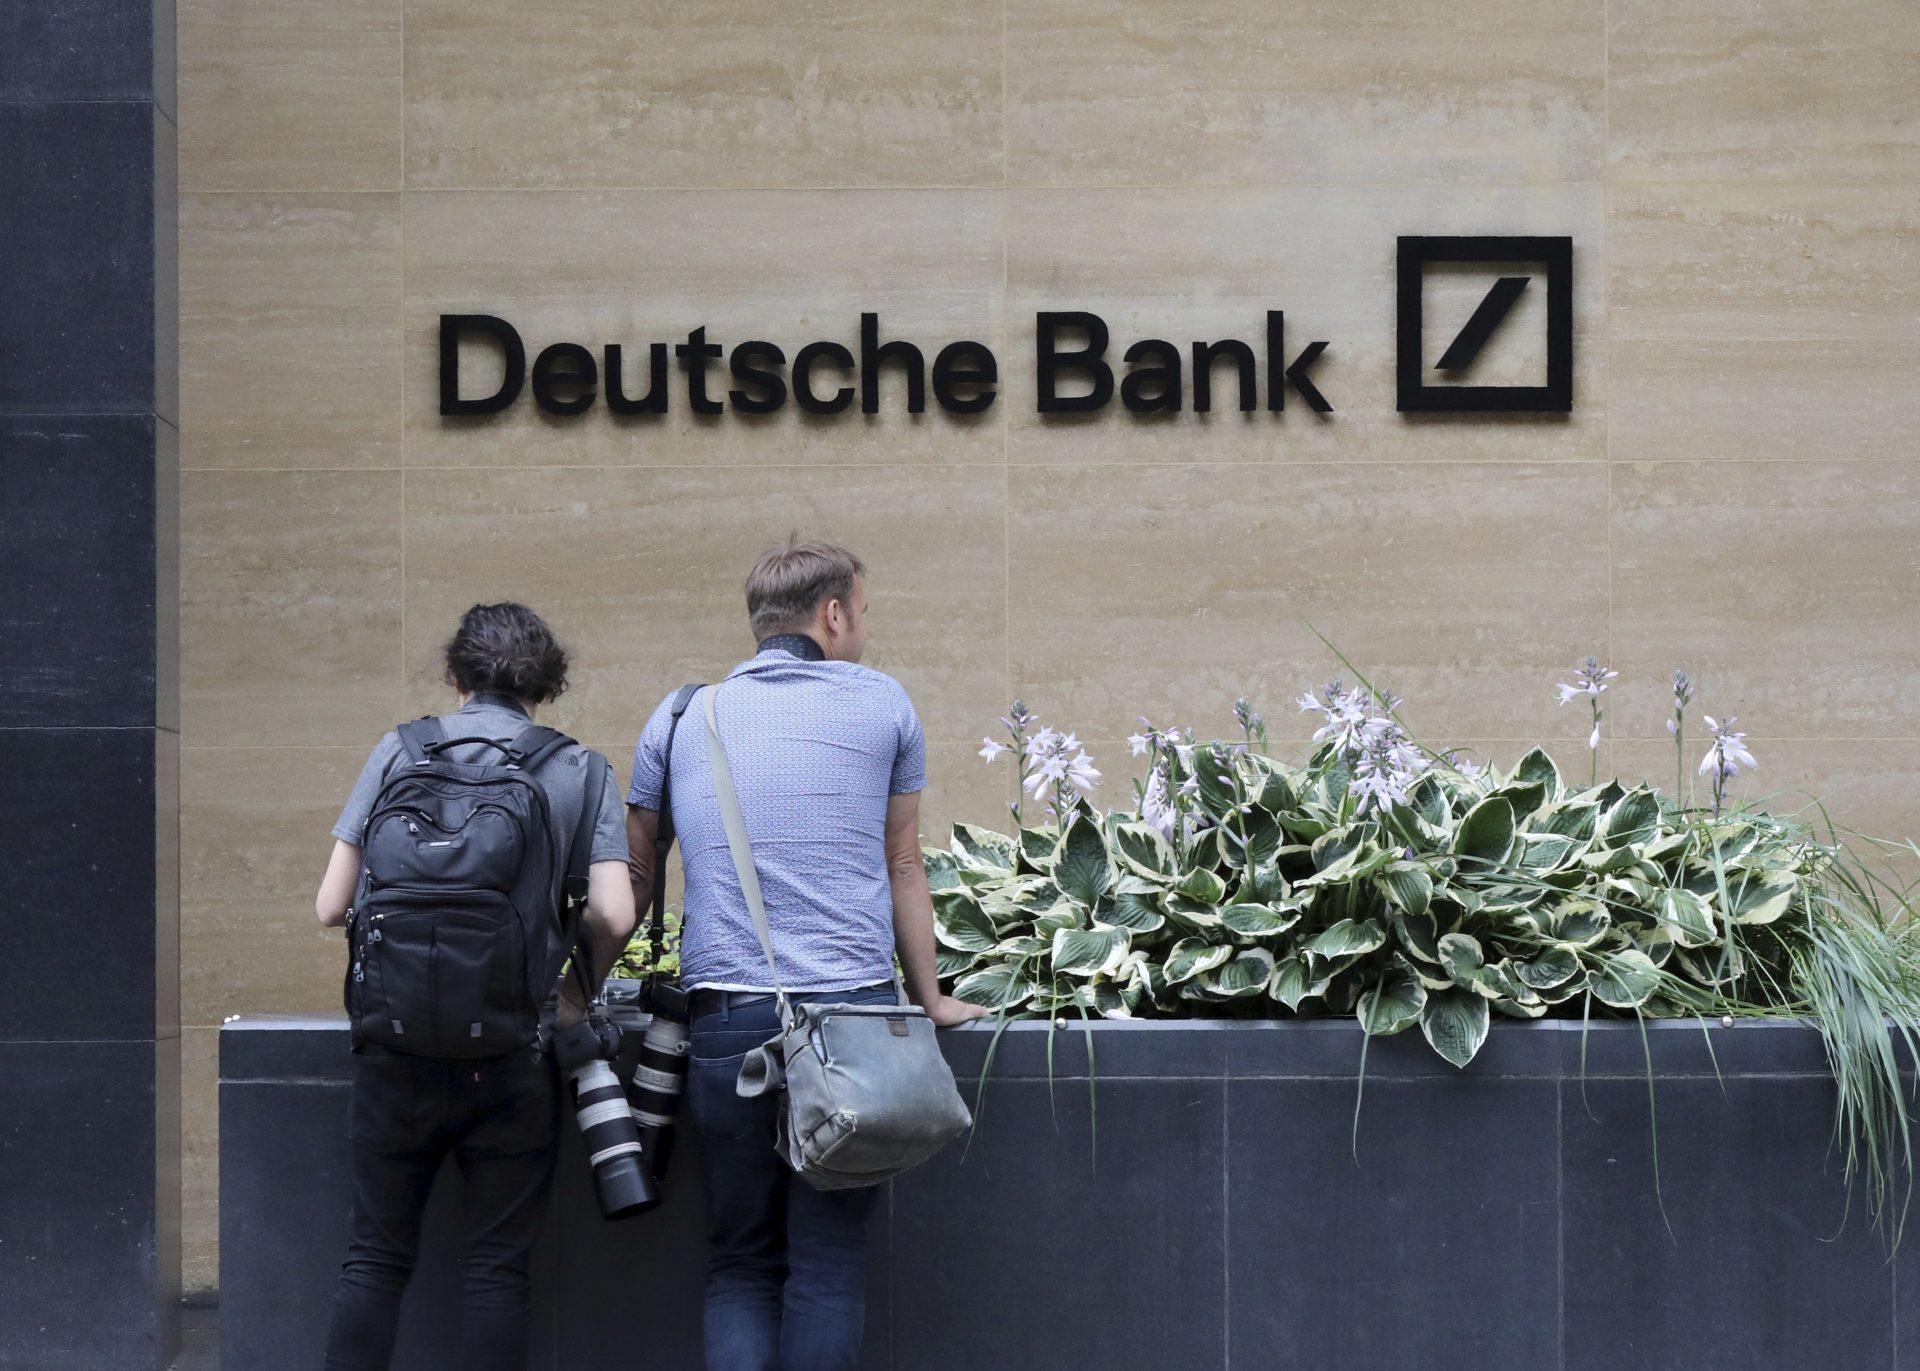 Deutsche Bank has Trump tax returns sought in Congressional